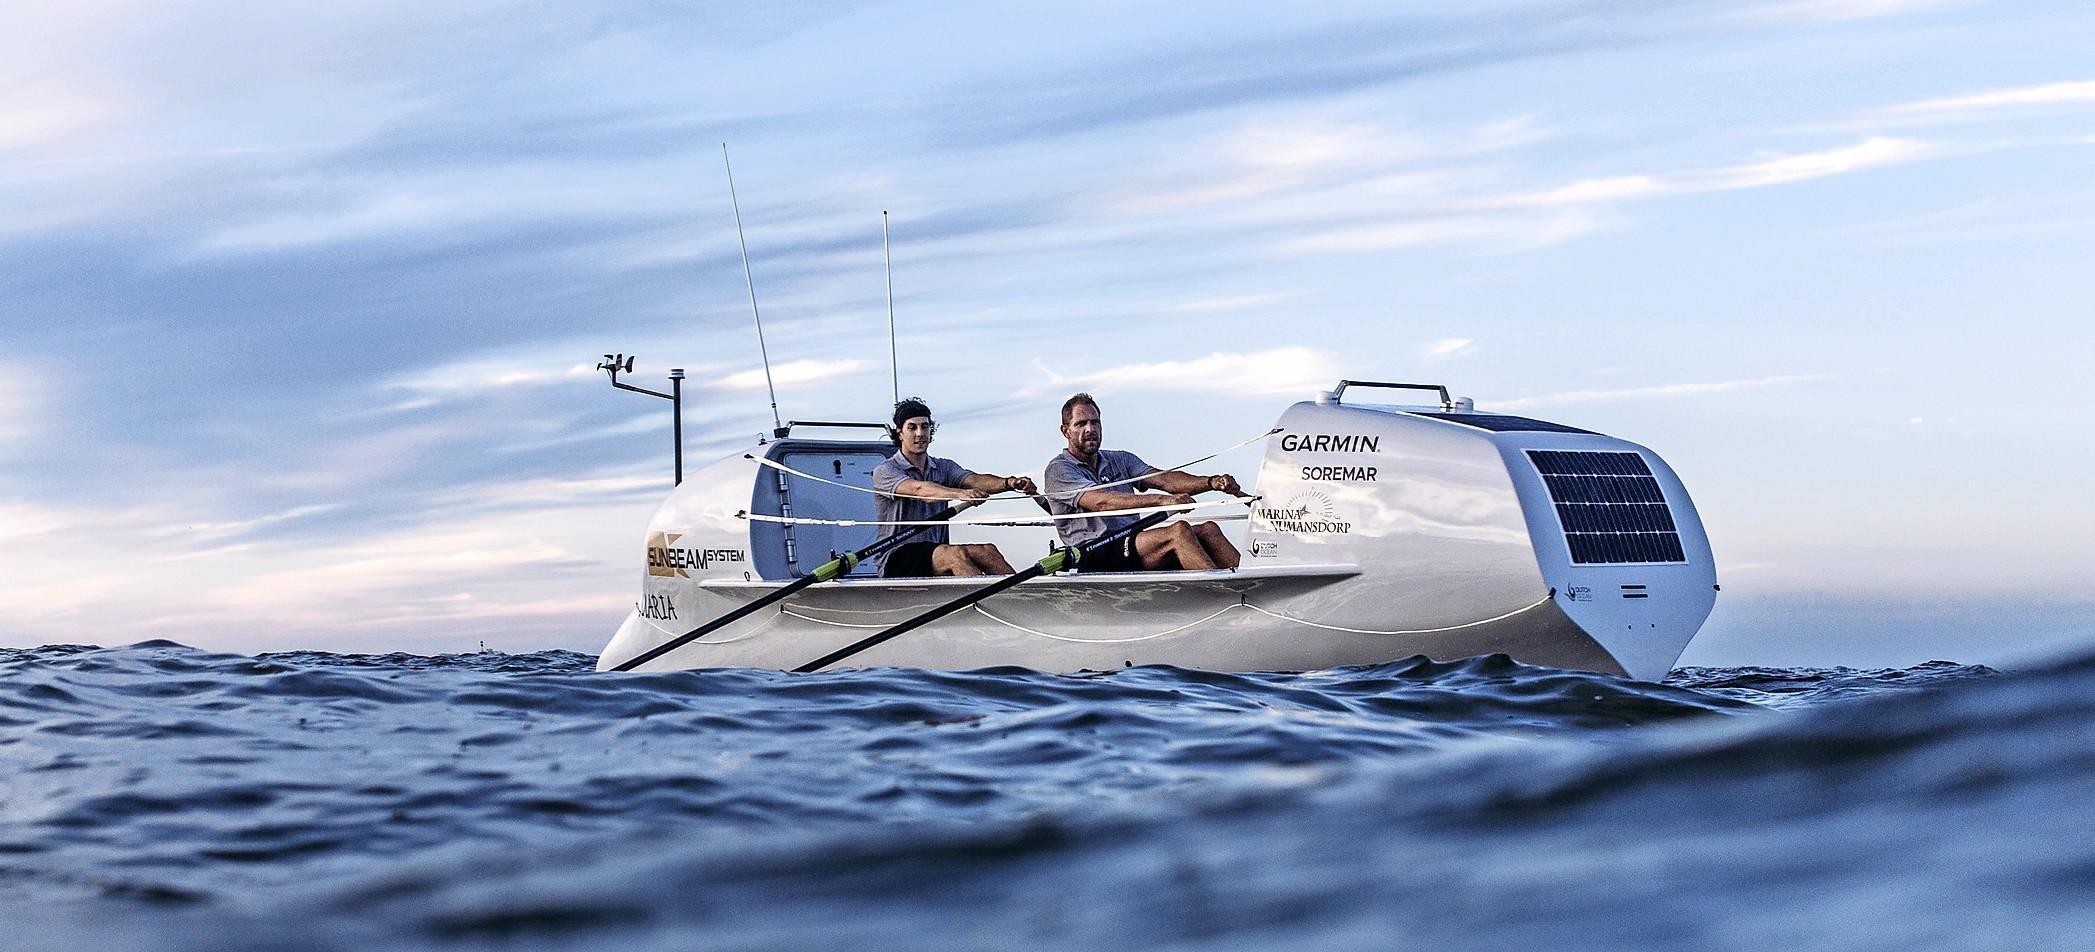 Wassenaarder gaat een maand lang op de oceaan dagelijks achttien uur roeien: Mark Slats wil zijn eigen record breken [video]